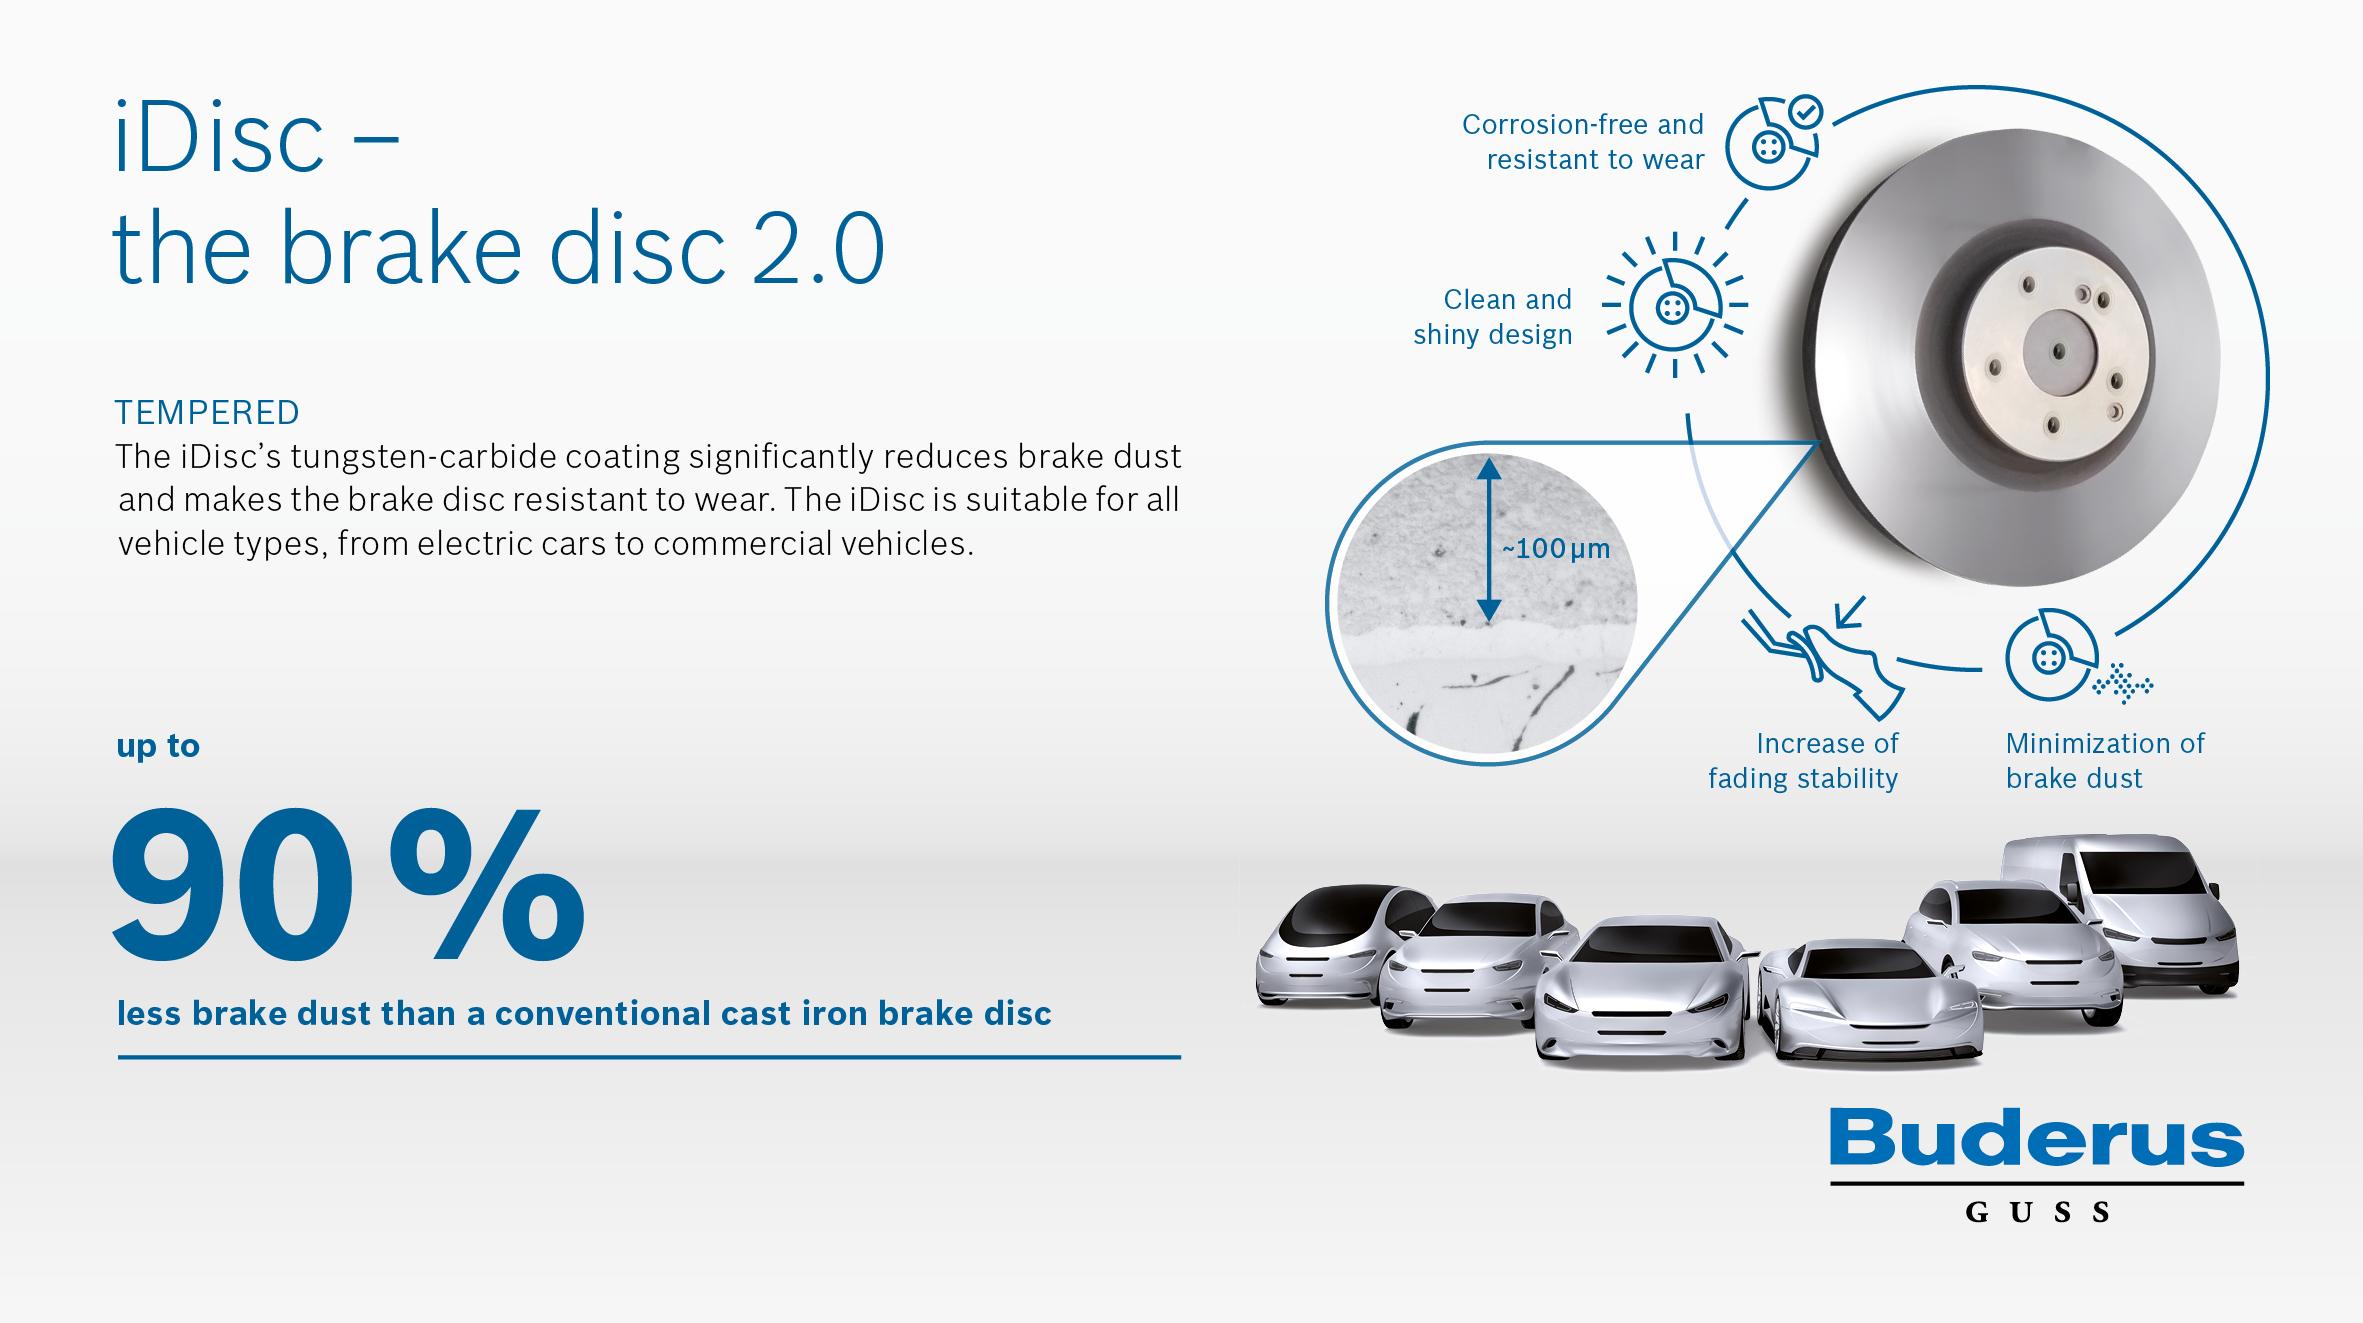 iDisc - the brake disk 2.0